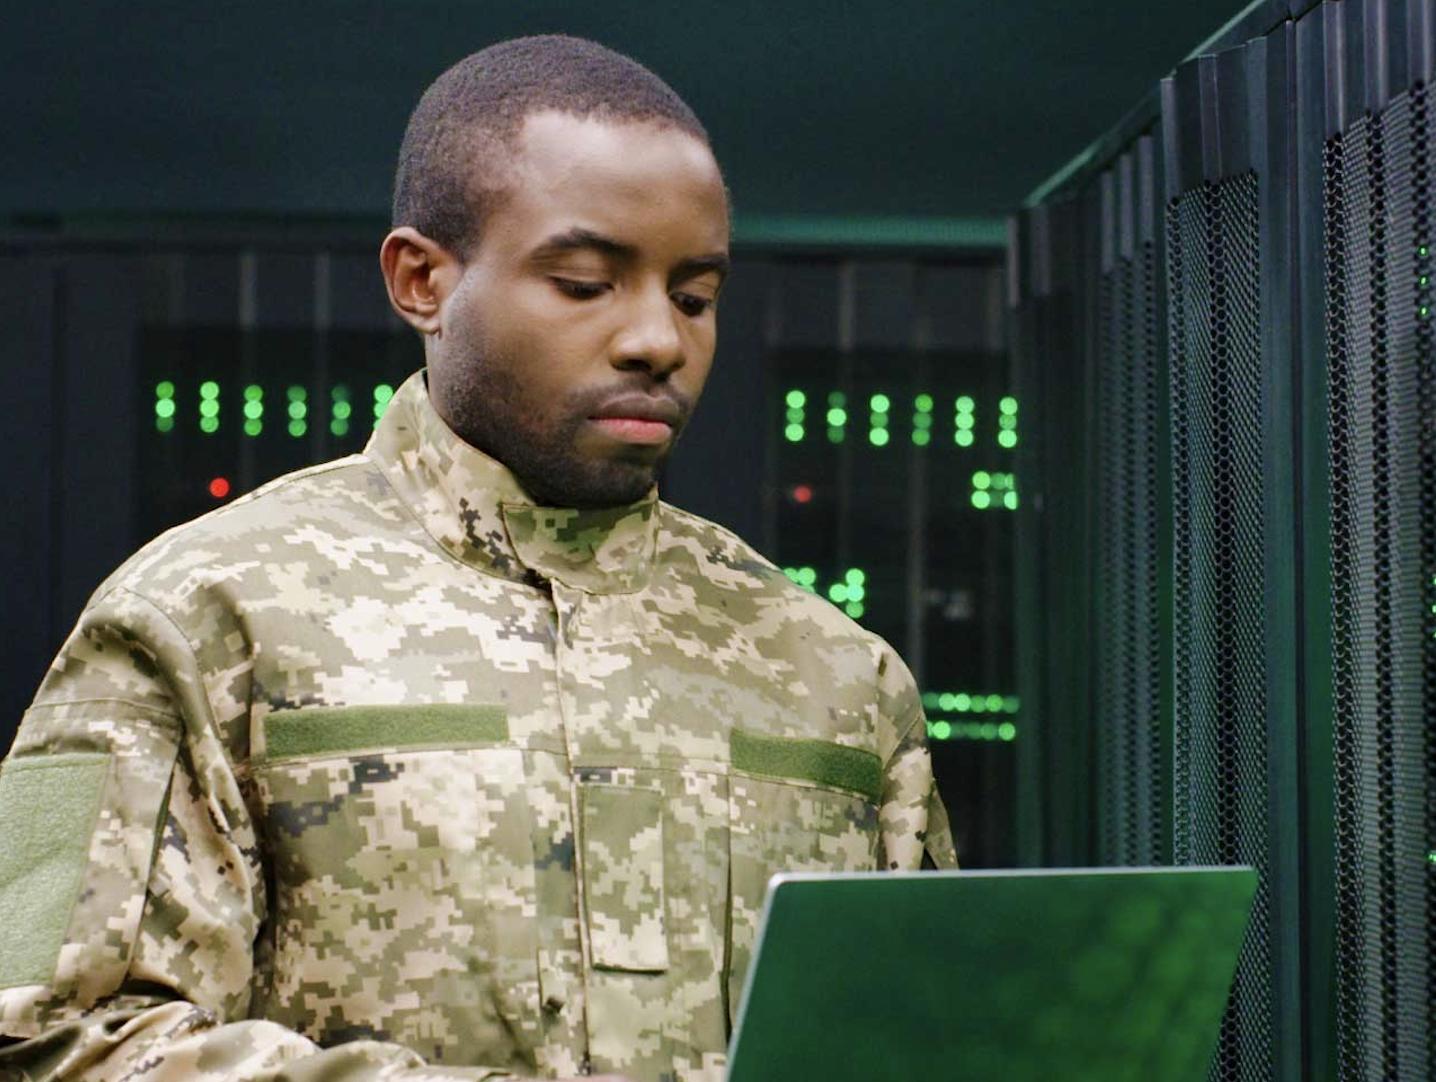 Cisco prezentuje bezpieczne rozwiązanie do komunikacji i współpracy dla sektora obronnego – Webex for Defense